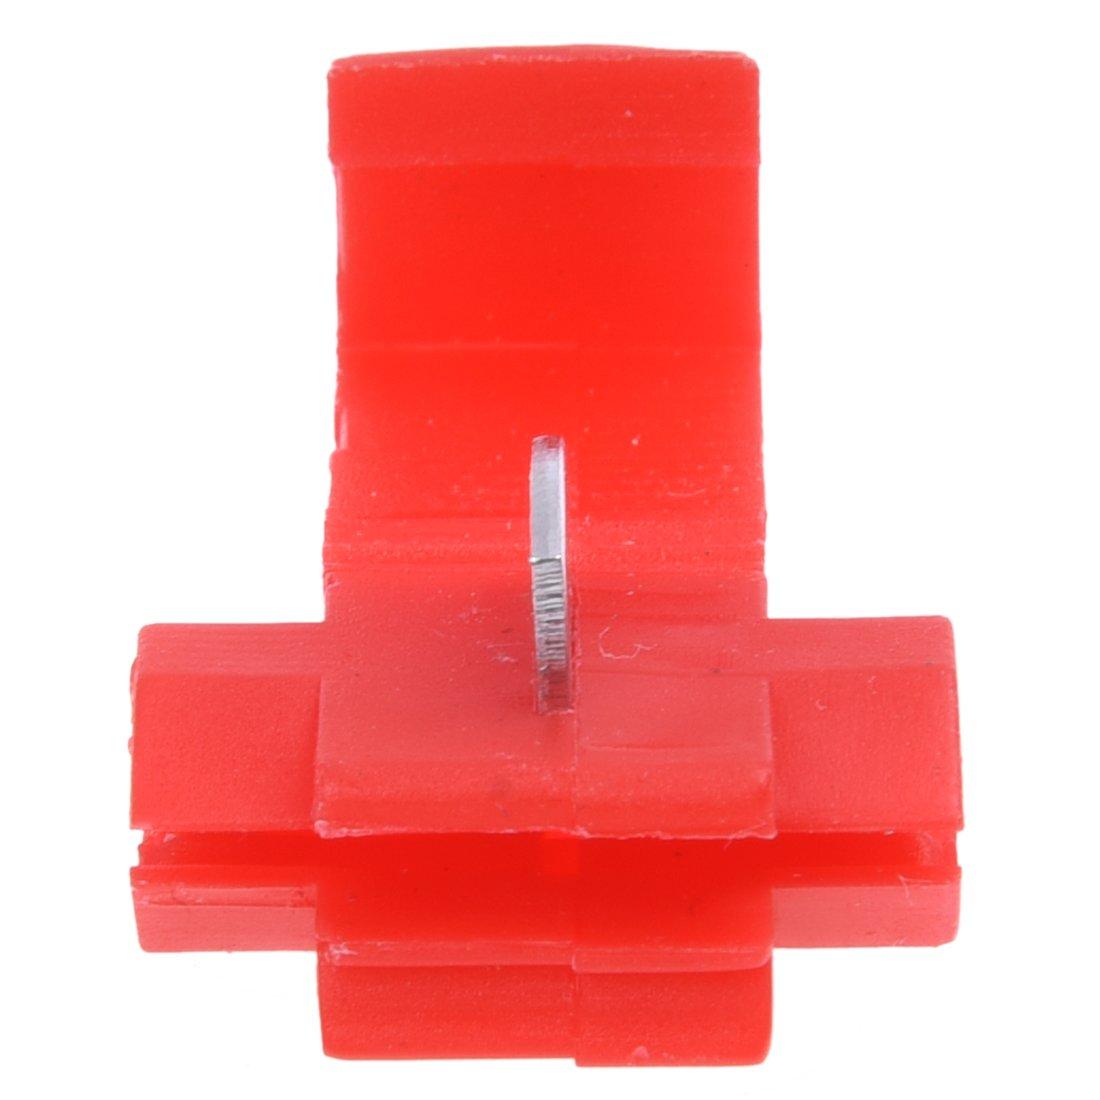 TOOGOO(R) Terminales de cable 100pcs rapida Splice Conectores Lock Crimp Electrica Electrica - Rojo 015532C2